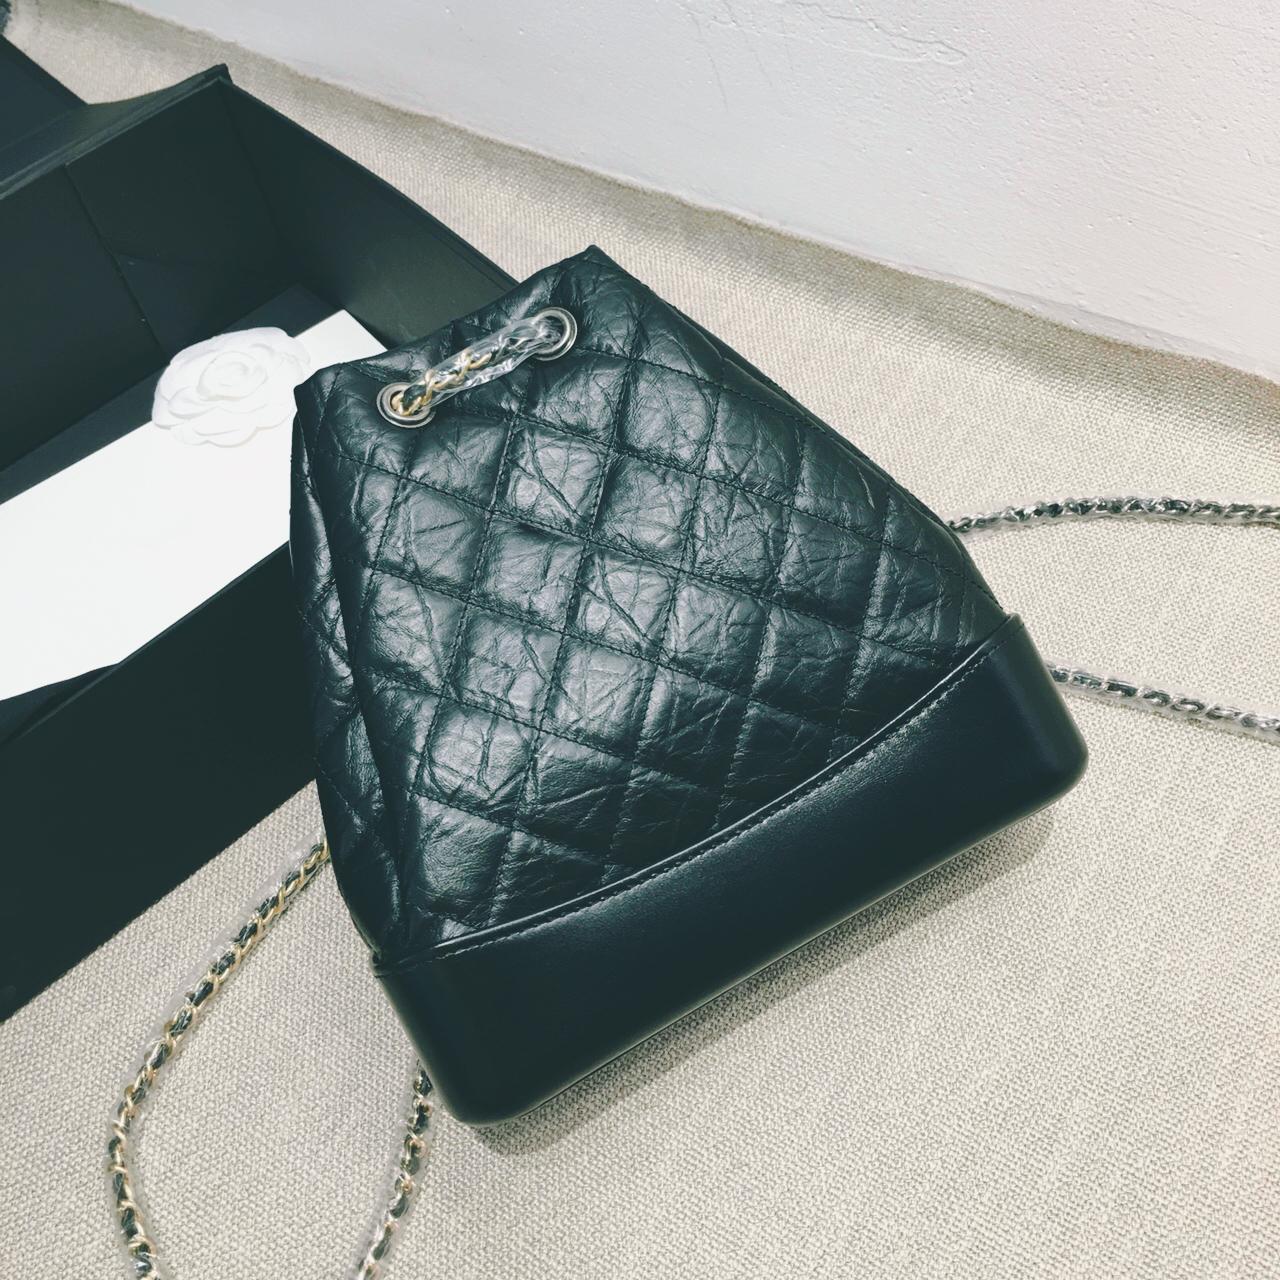 5A + Original ImitationL Handtaschen Marken Design Eimer Tasche Marke Luxusdesigns Kleine Süße Wind Ling Schulter Handtasche Gold Kette Lammleder Frauen Geldbörse Großhandel